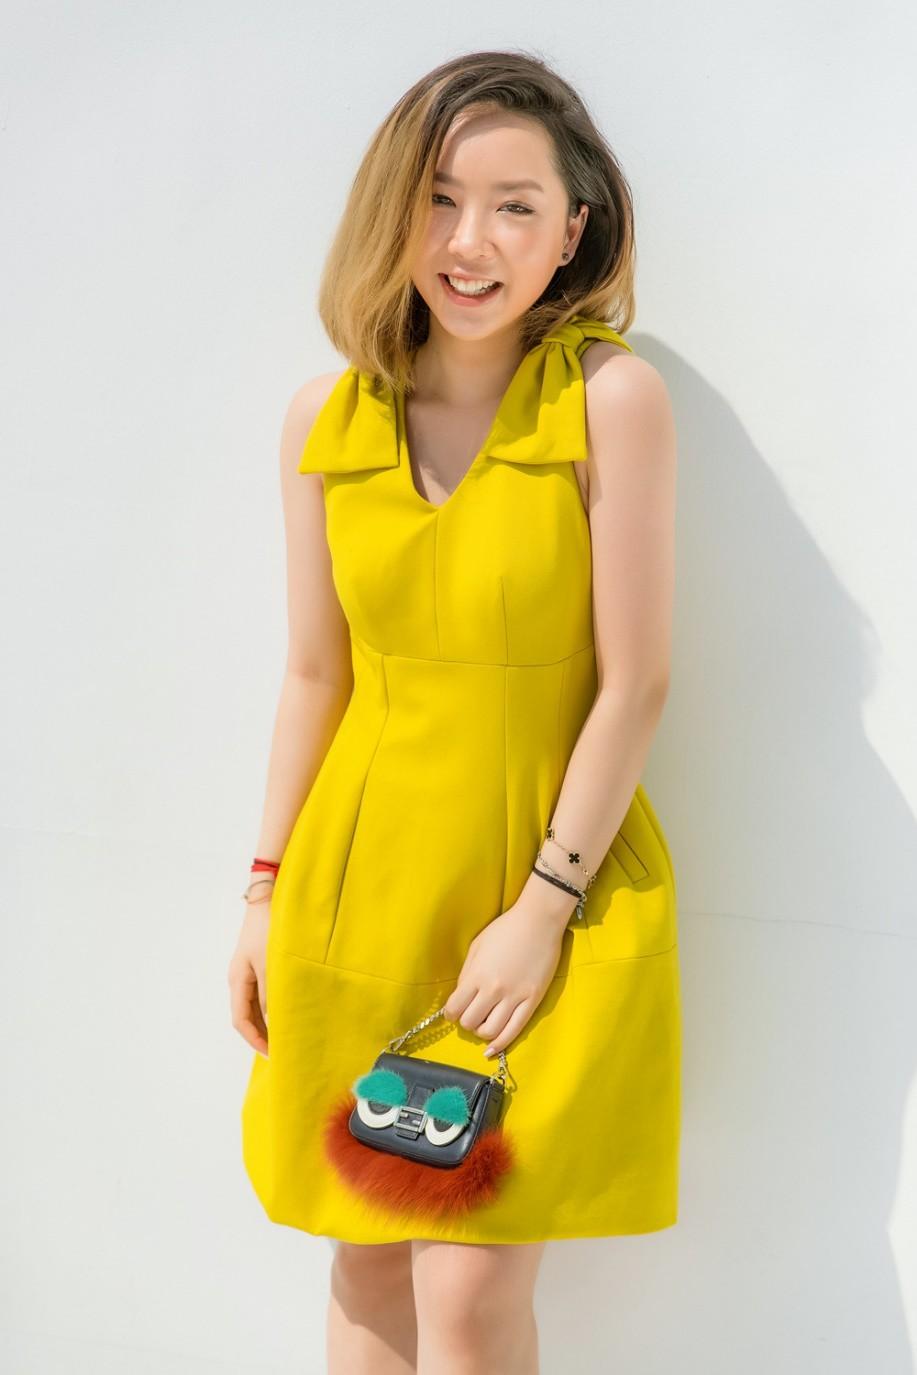 """Gặp gỡ cô nàng du học sinh """"mặc chất"""" như fashionista khiến NTK Văn Thành Công xao xuyến - Ảnh 2."""